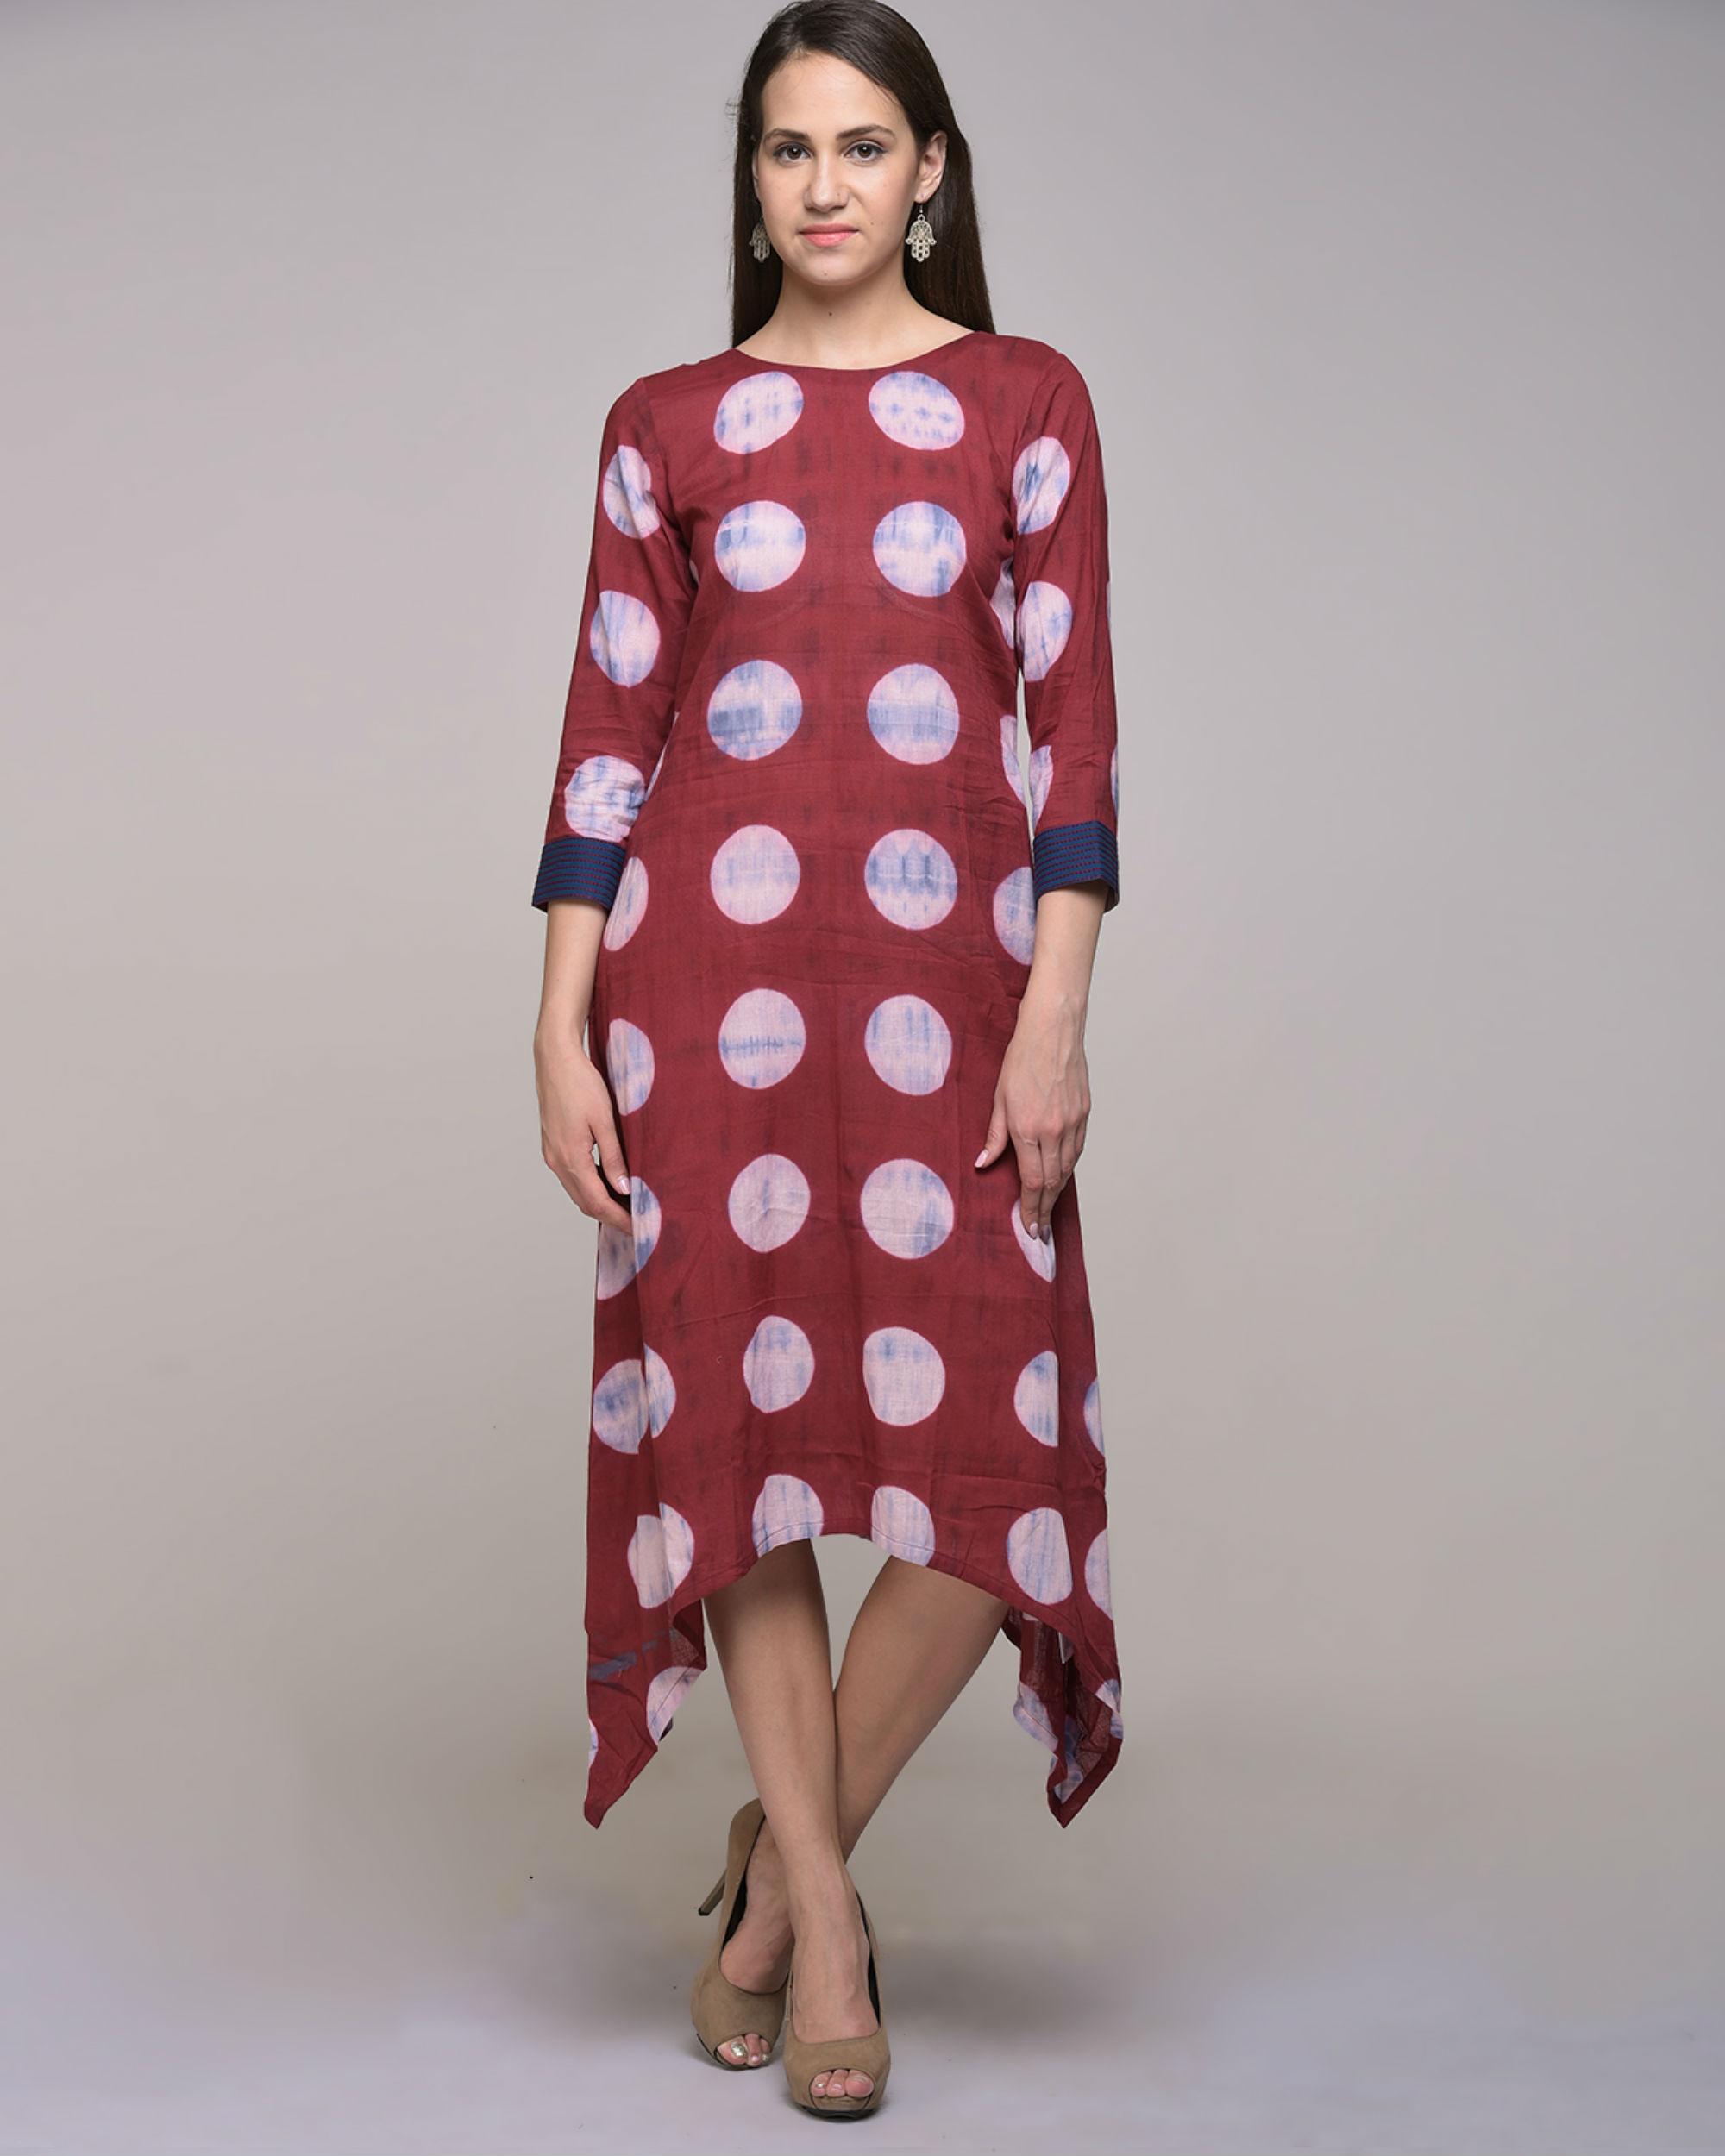 Clamp dyed polka dot asymmetrical dress